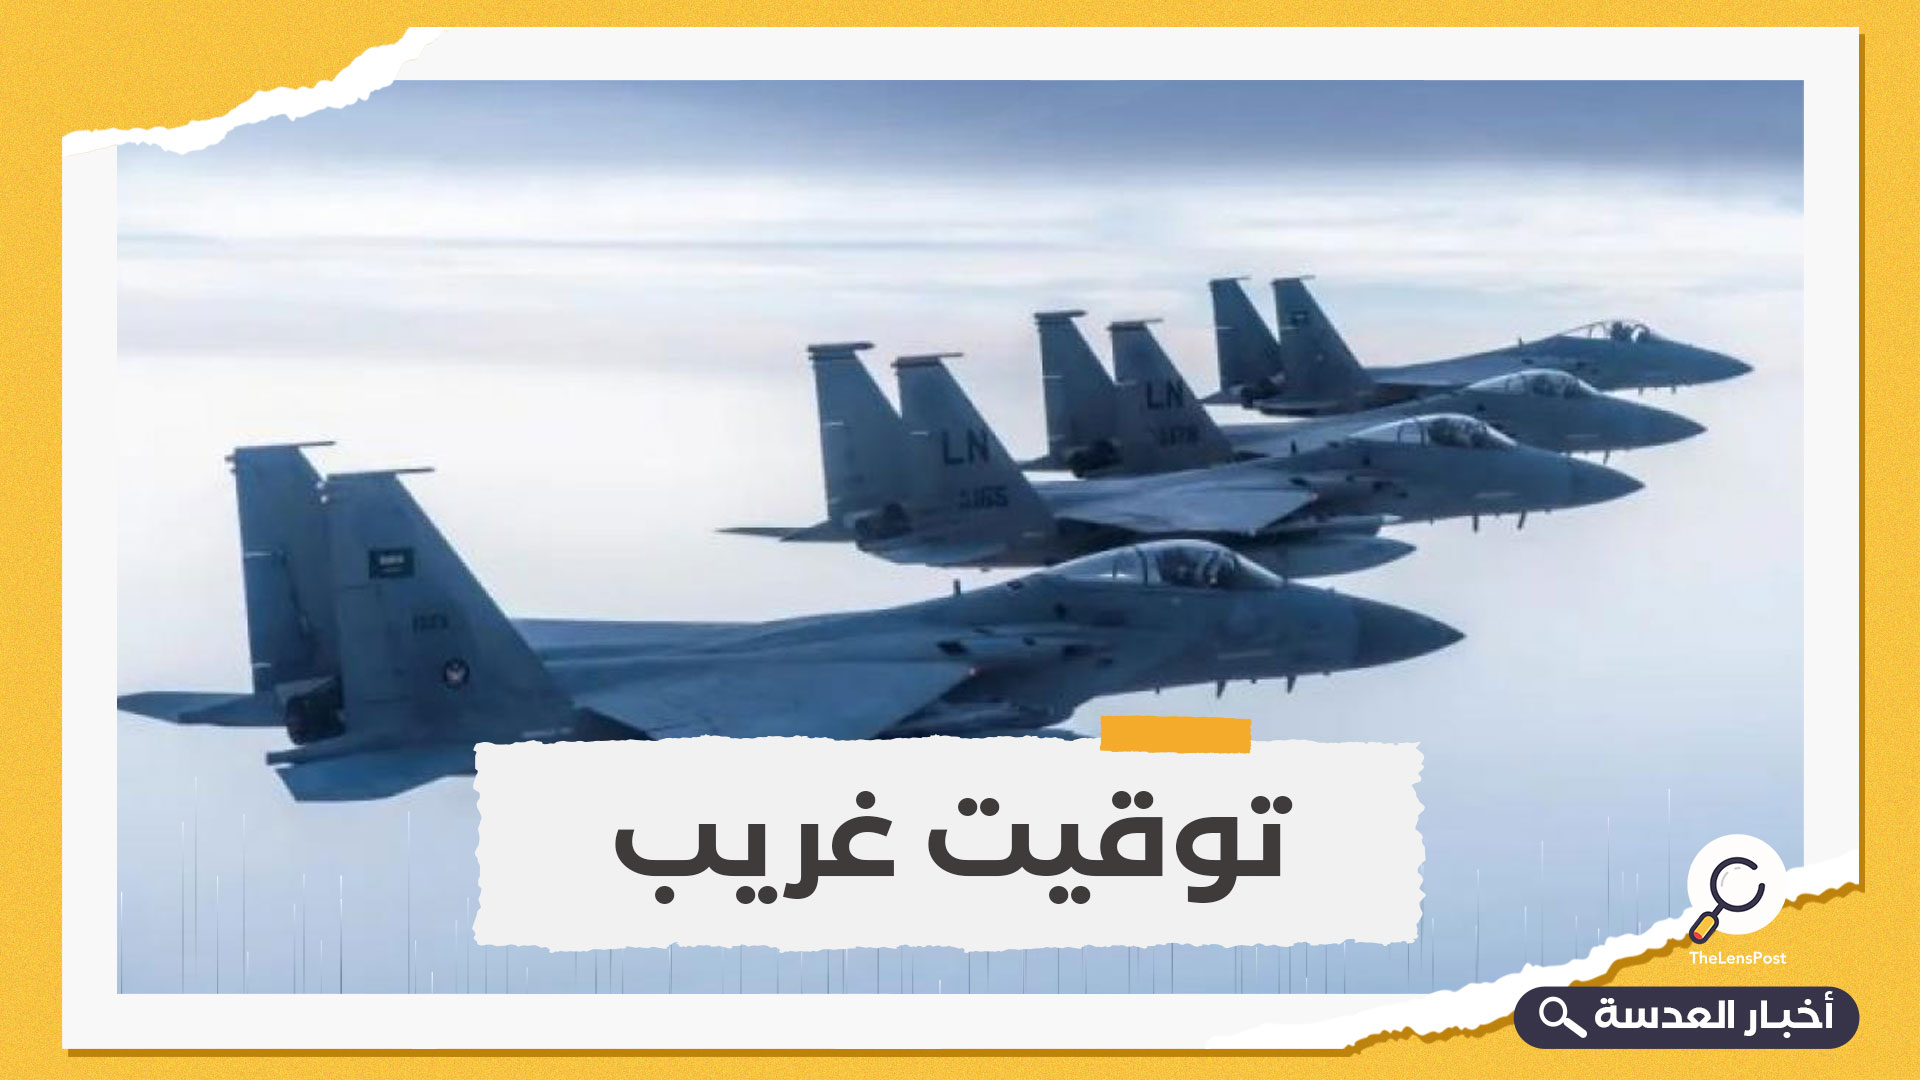 تدريبات جوية مشتركة بين السعودية واليونان في البحر المتوسط.. ما علاقة تركيا؟